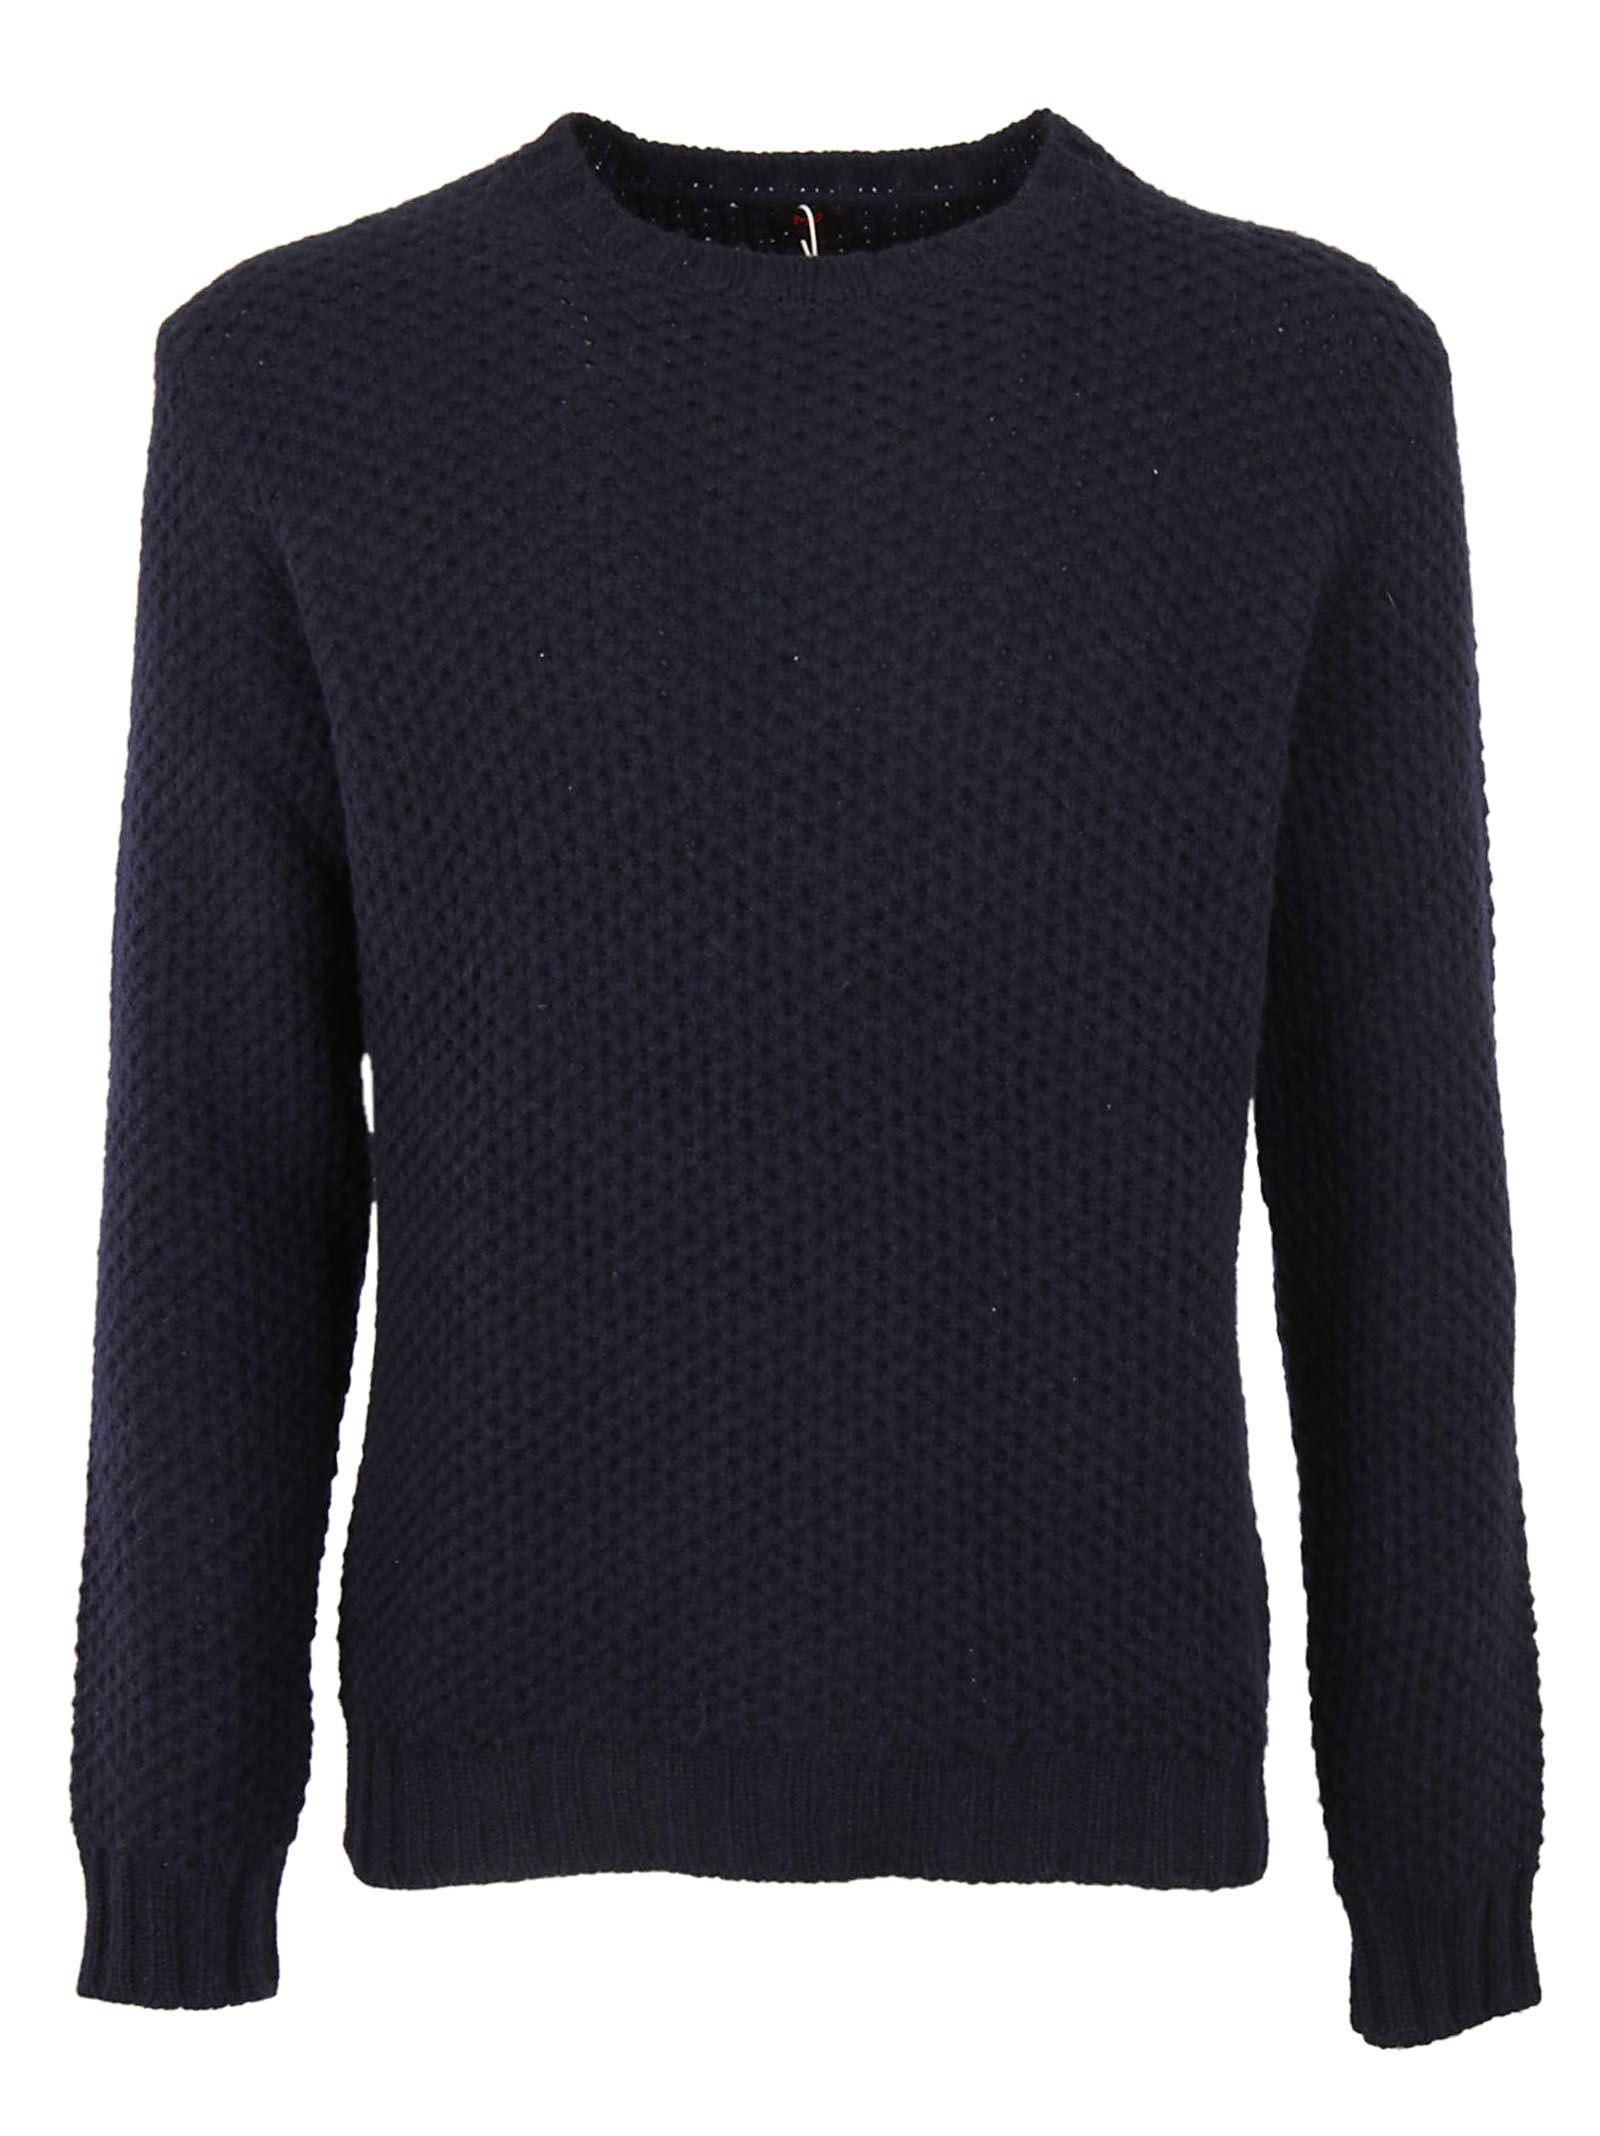 Massimo Piombo Crew Neck Sweater